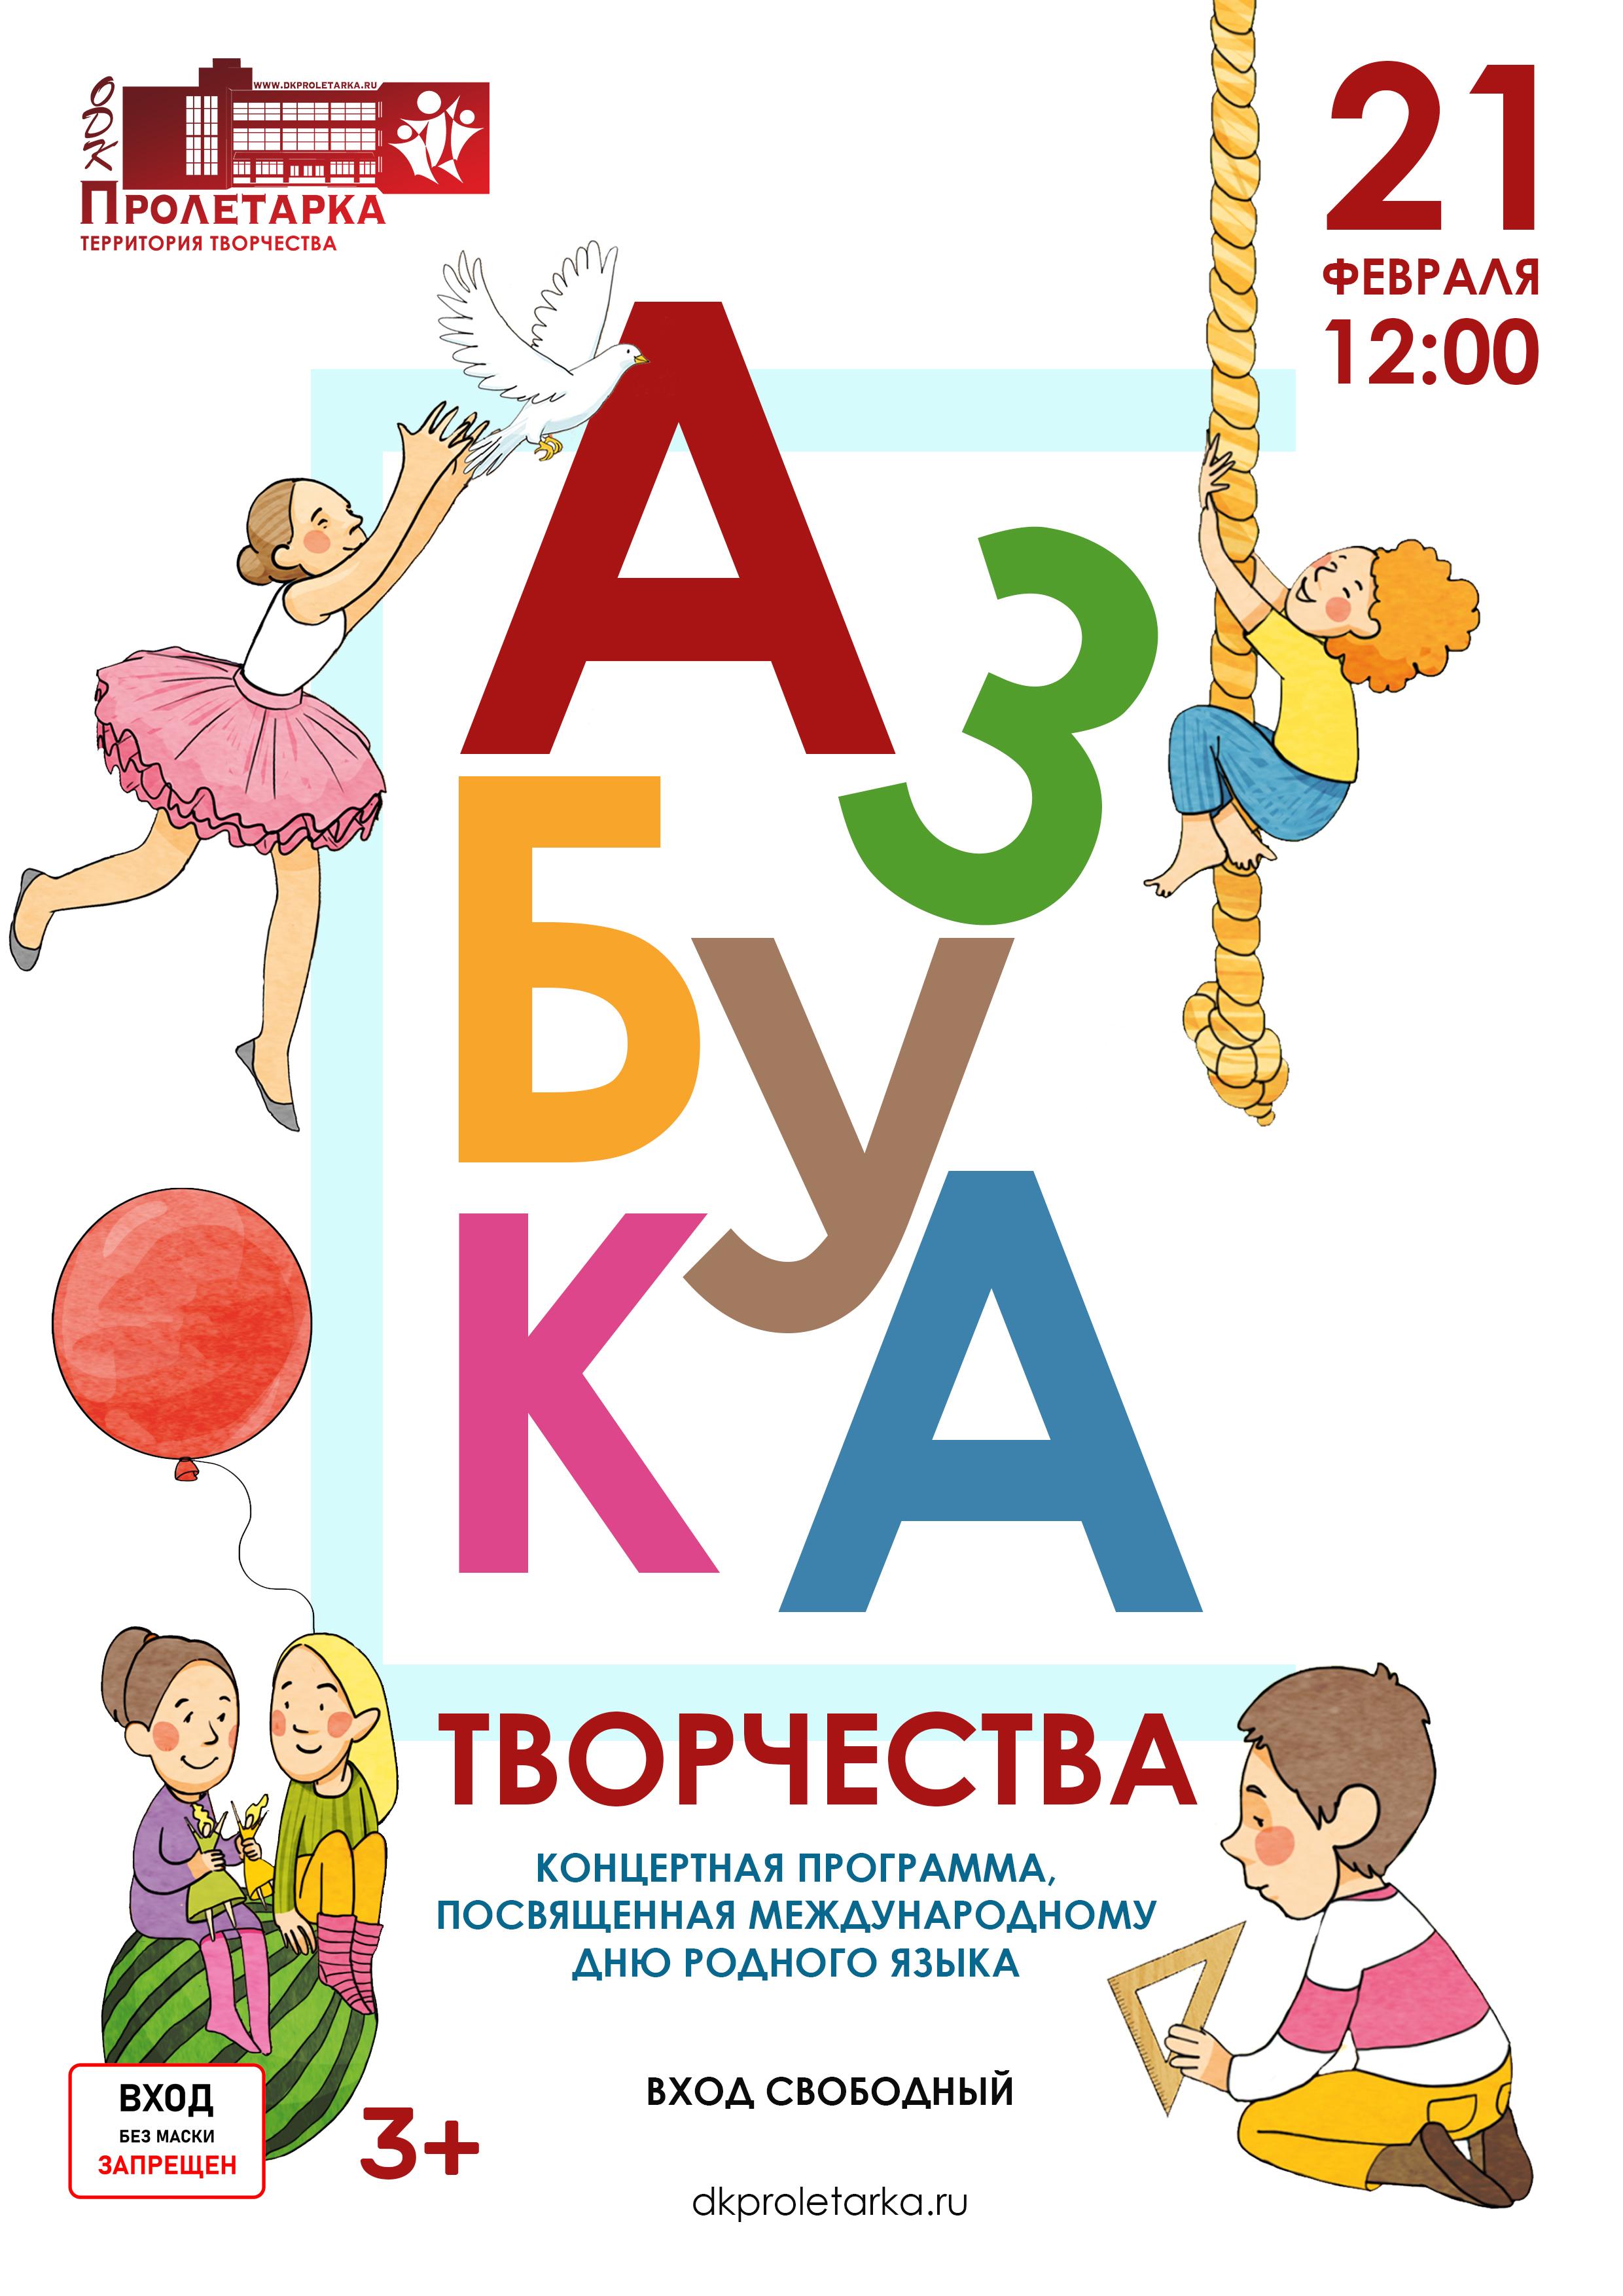 Маленьких жителей Твери приглашают на праздник Азбука творчества